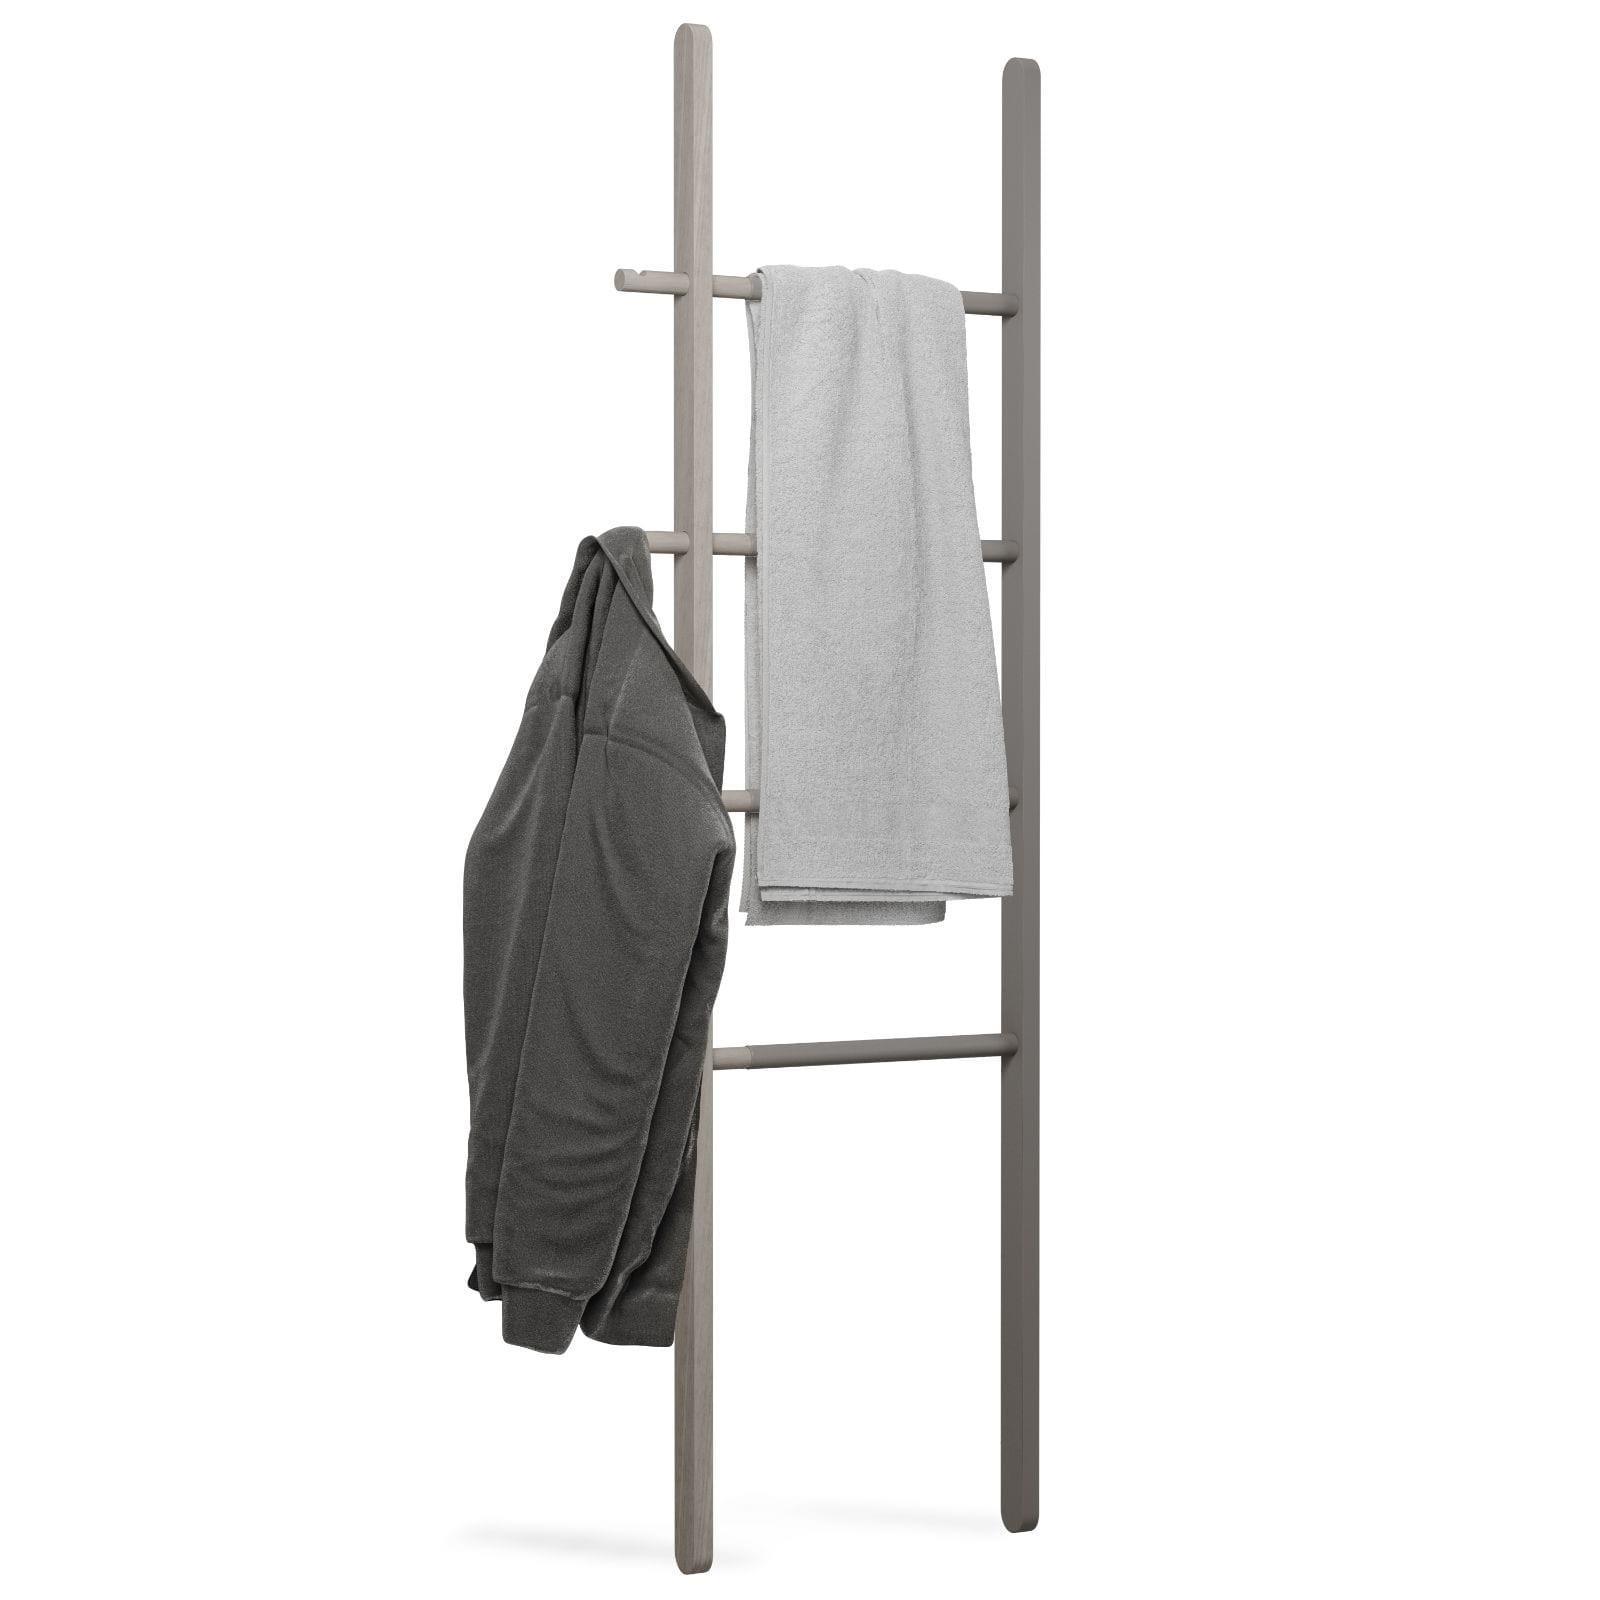 Σκάλα - Κρεμάστρα Hub (Γκρι / Ξύλο) - Umbra